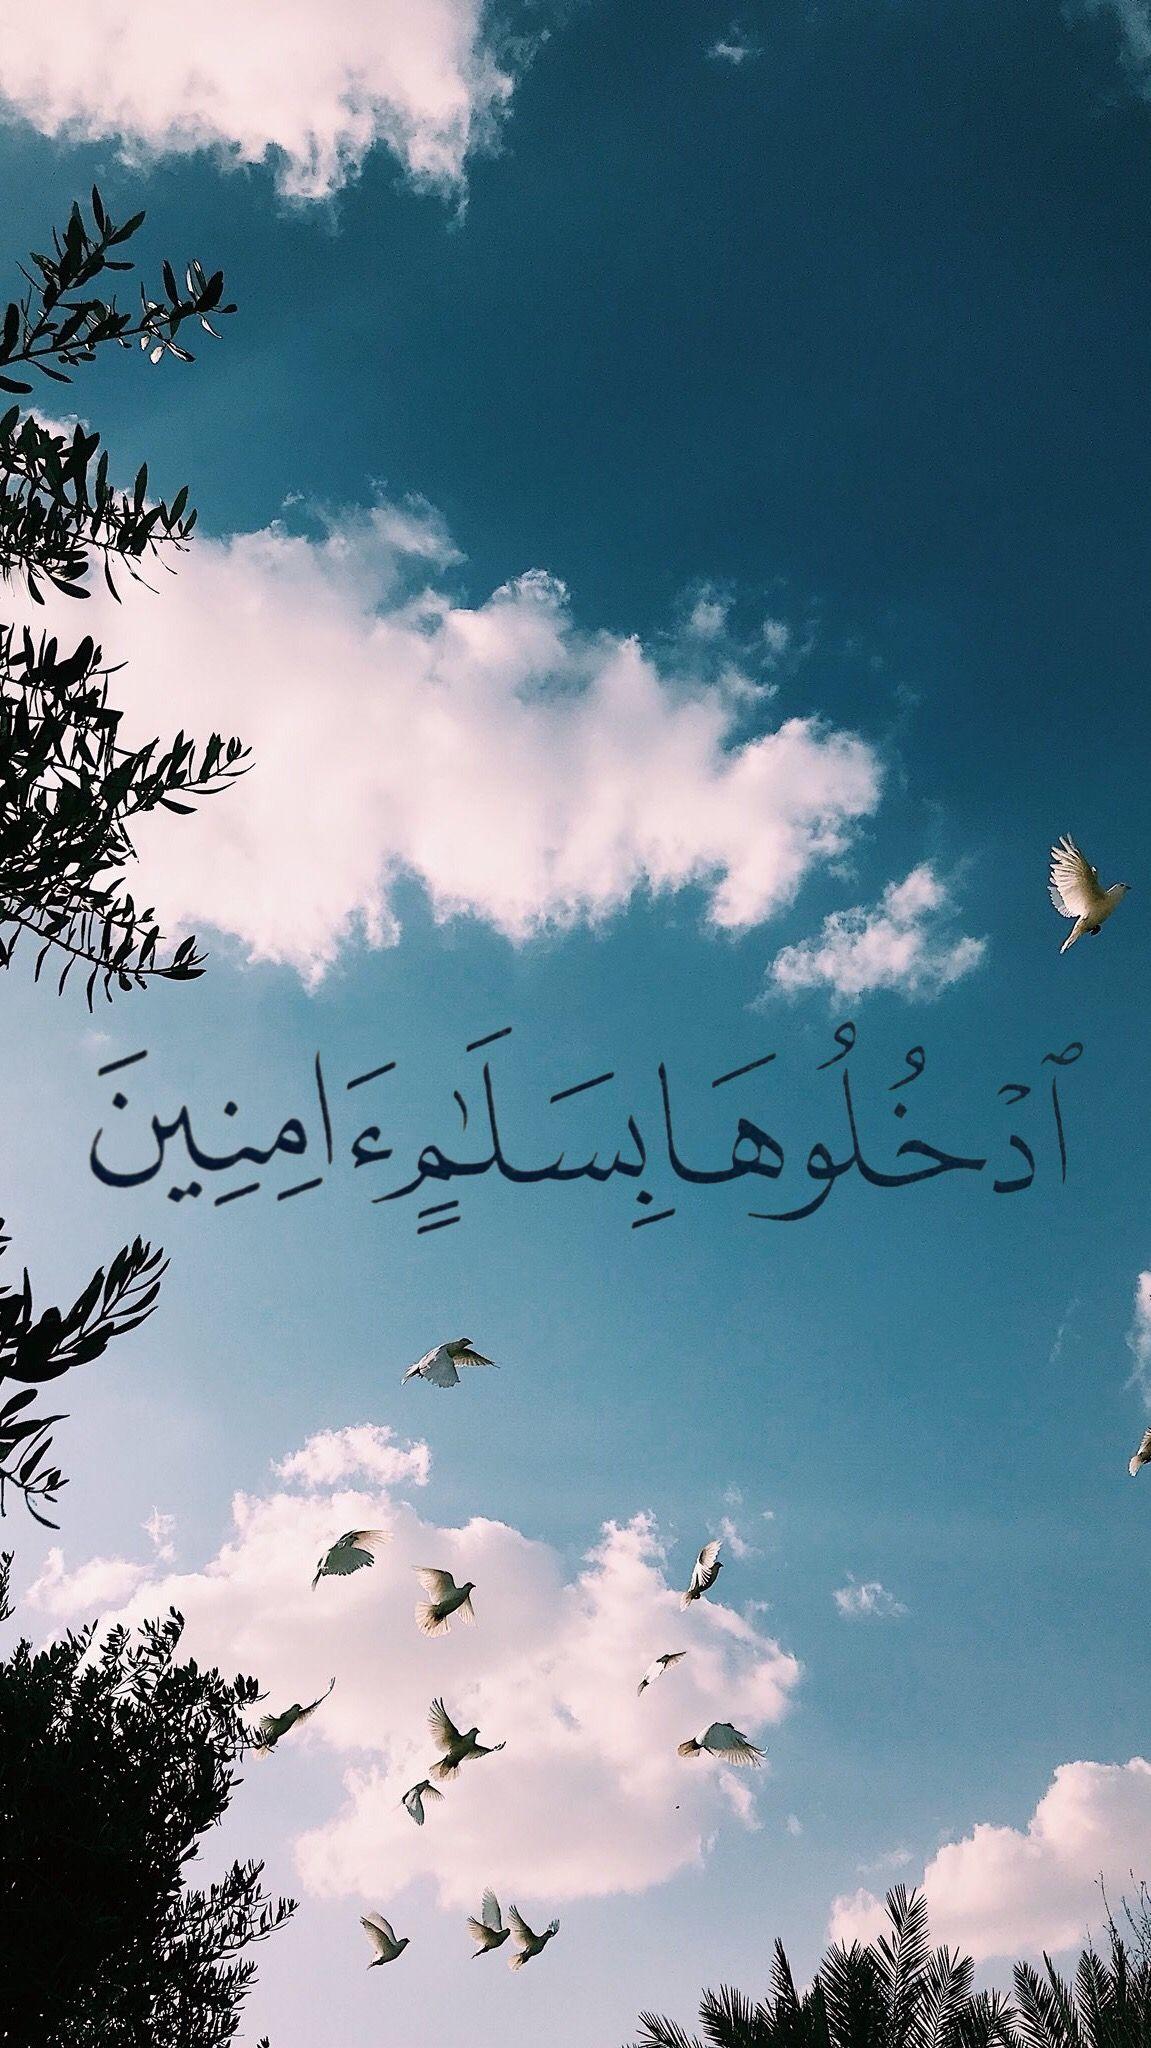 ادخلوها بسلام آمنين اللهم الجنه مع من نحب Quran Quotes Verses Aesthetic Pastel Wallpaper Holy Quran